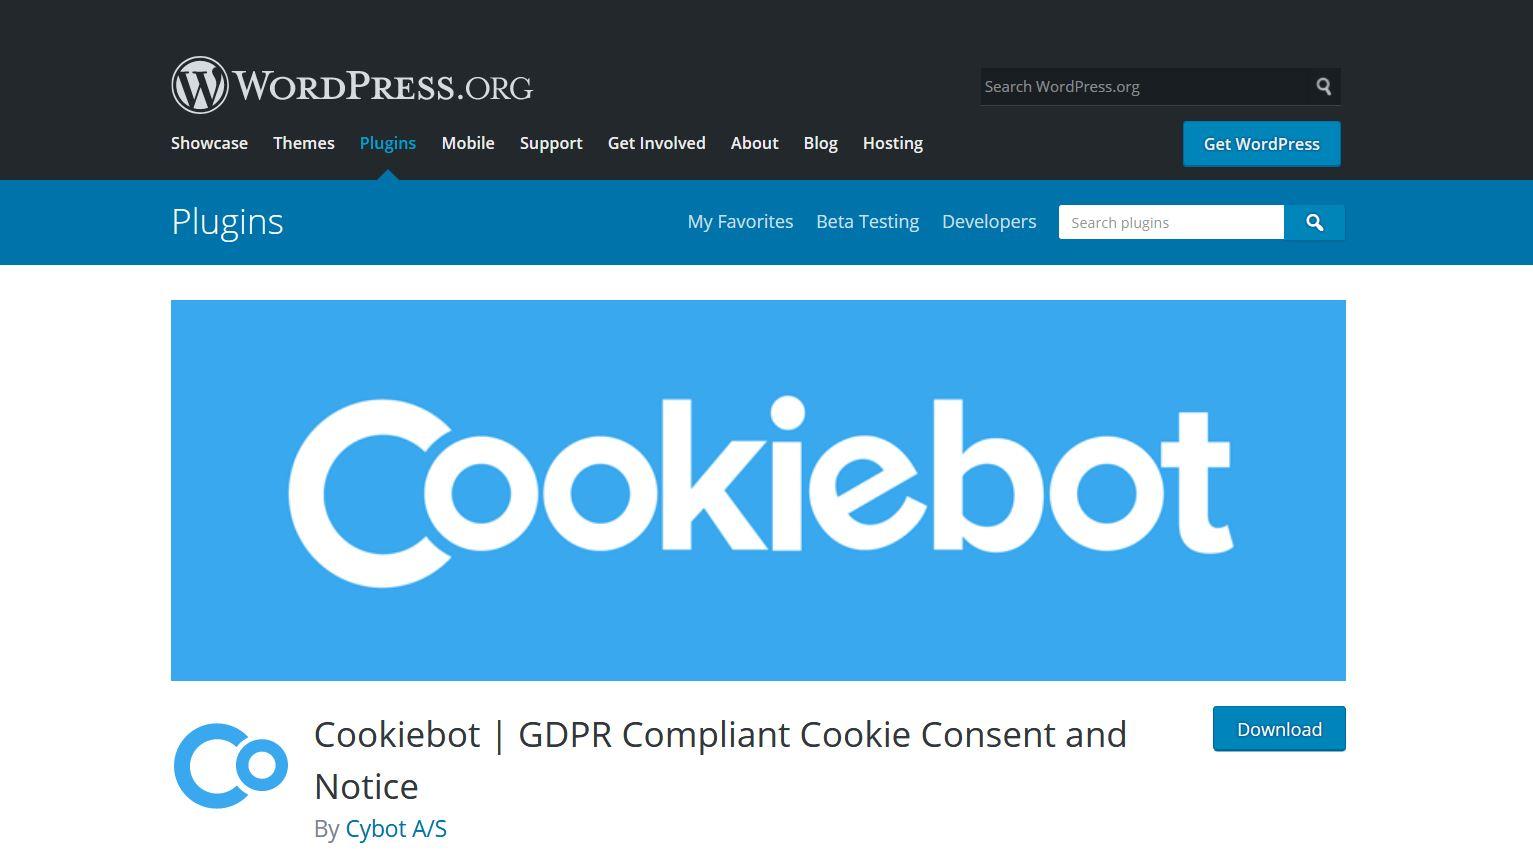 Installare e configurare Cookiebot su WordPress - Fabio Gasparrini creazione siti web a San Benedetto del Tronto, Ascoli Piceno, Teramo e Fermo